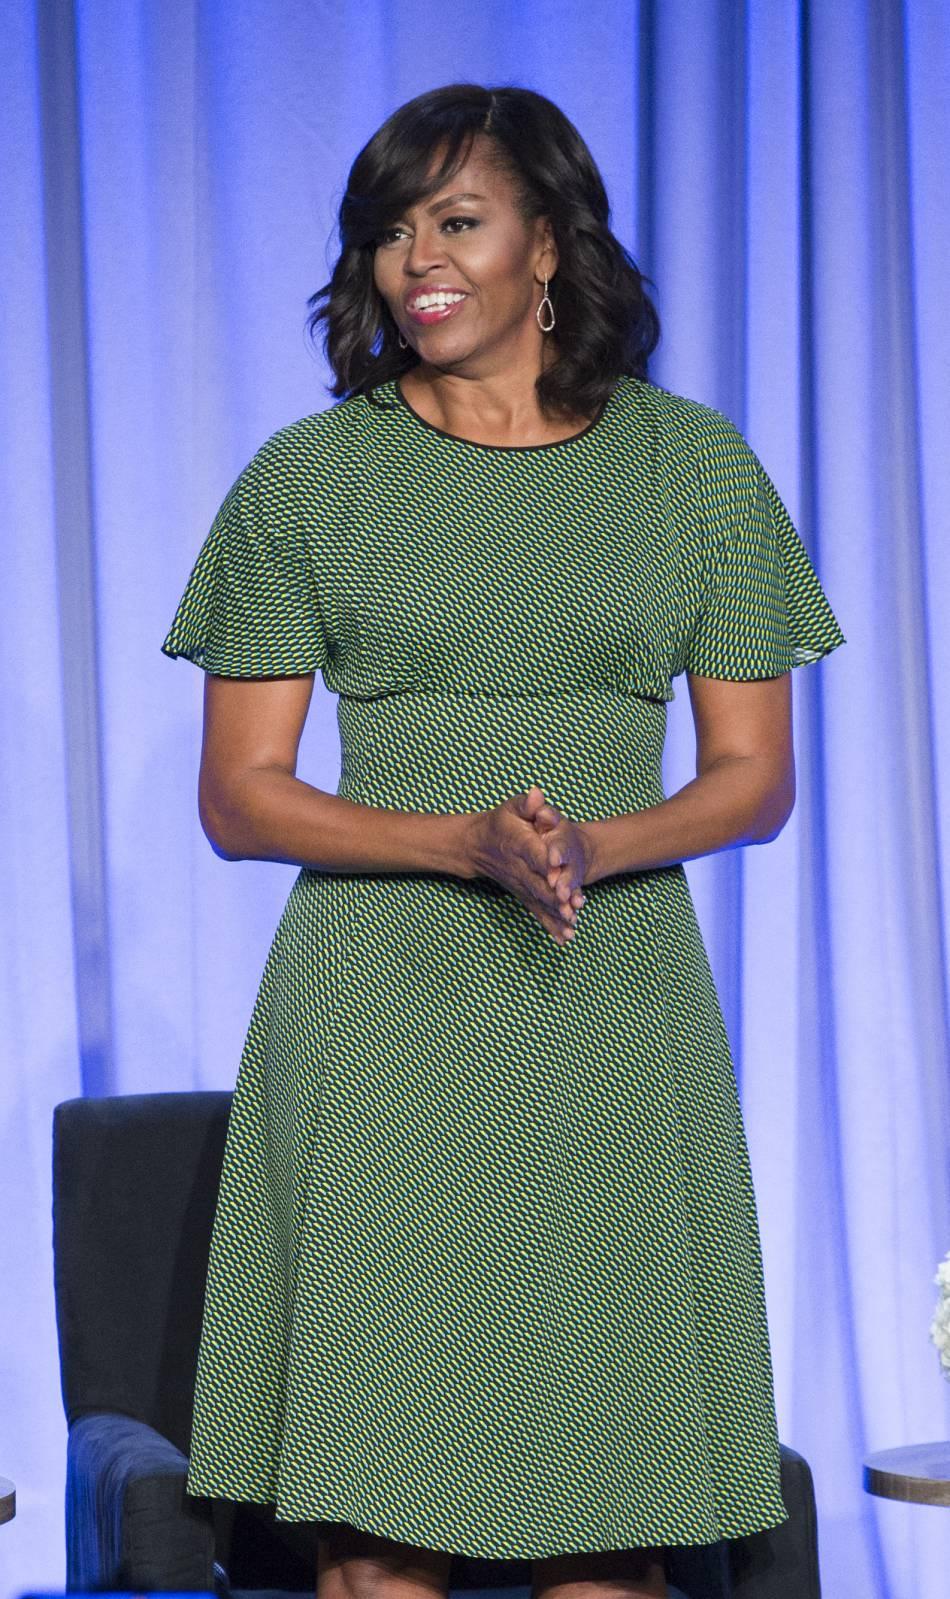 Michelle Obama a participé à une table ronde orgnisée par l'association de la presse magazine américaine pour parler de sa fondation pour l'éducation des jeunes filles.